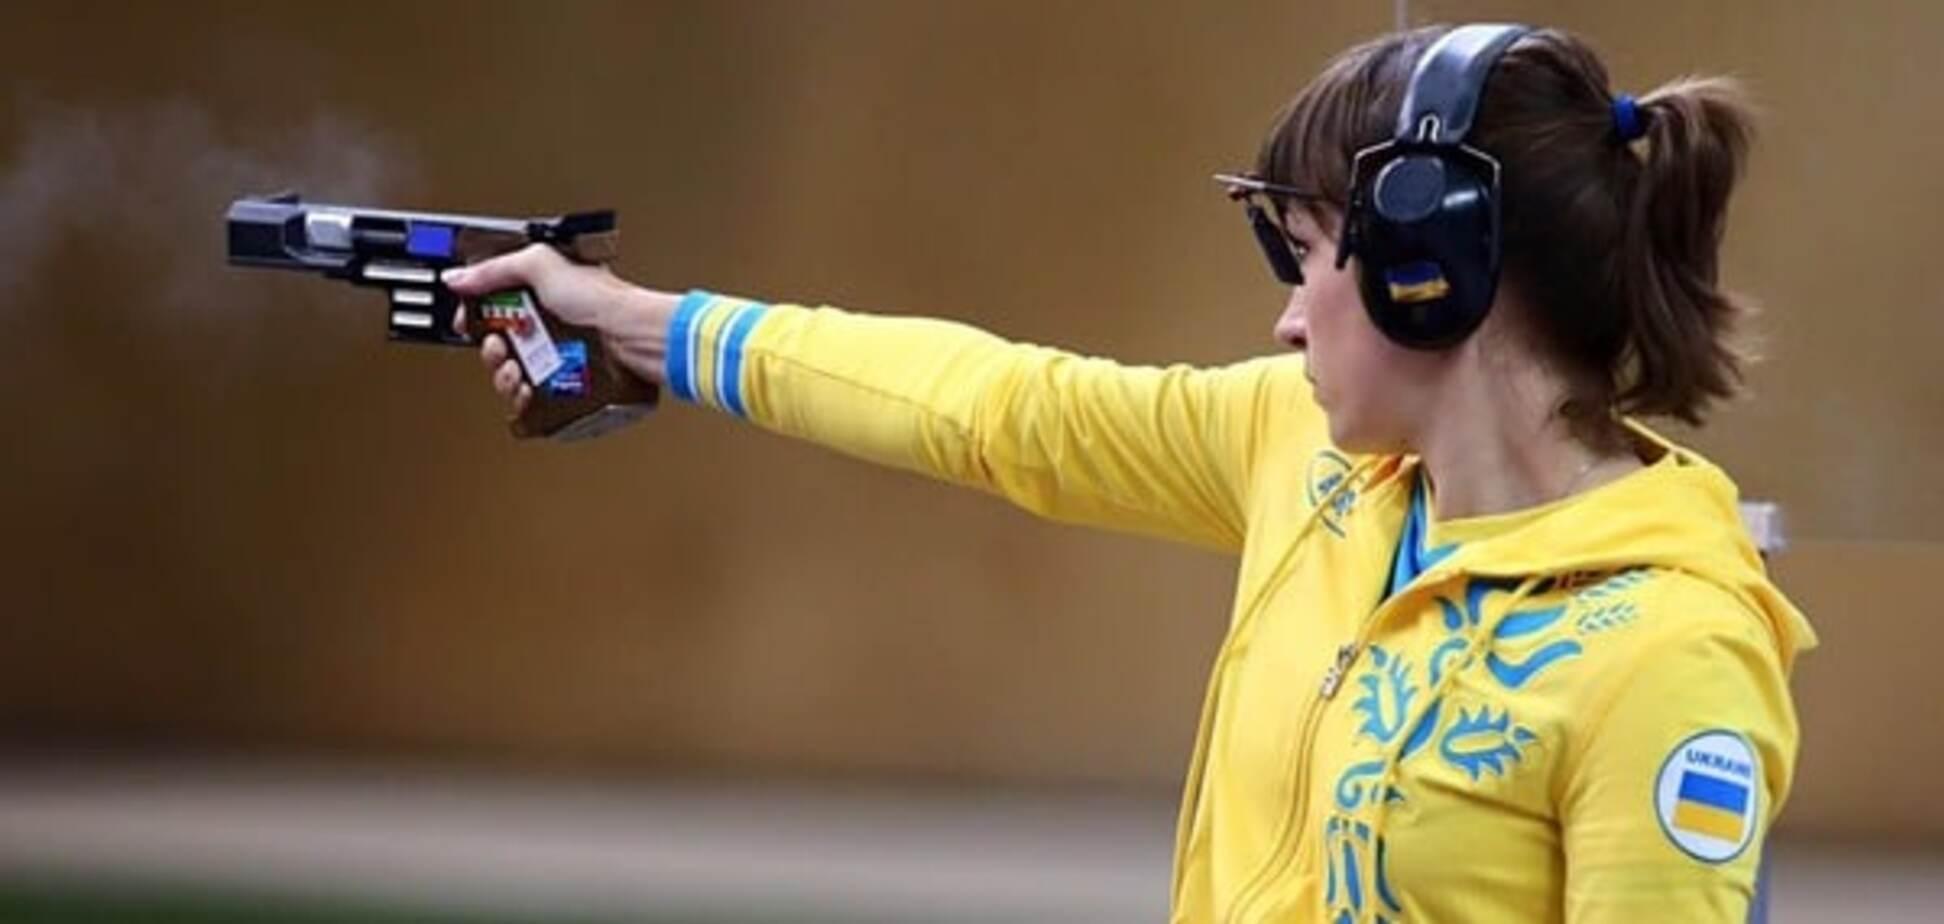 Знаменитая украинка выиграла чемпионат Европы по стрельбе